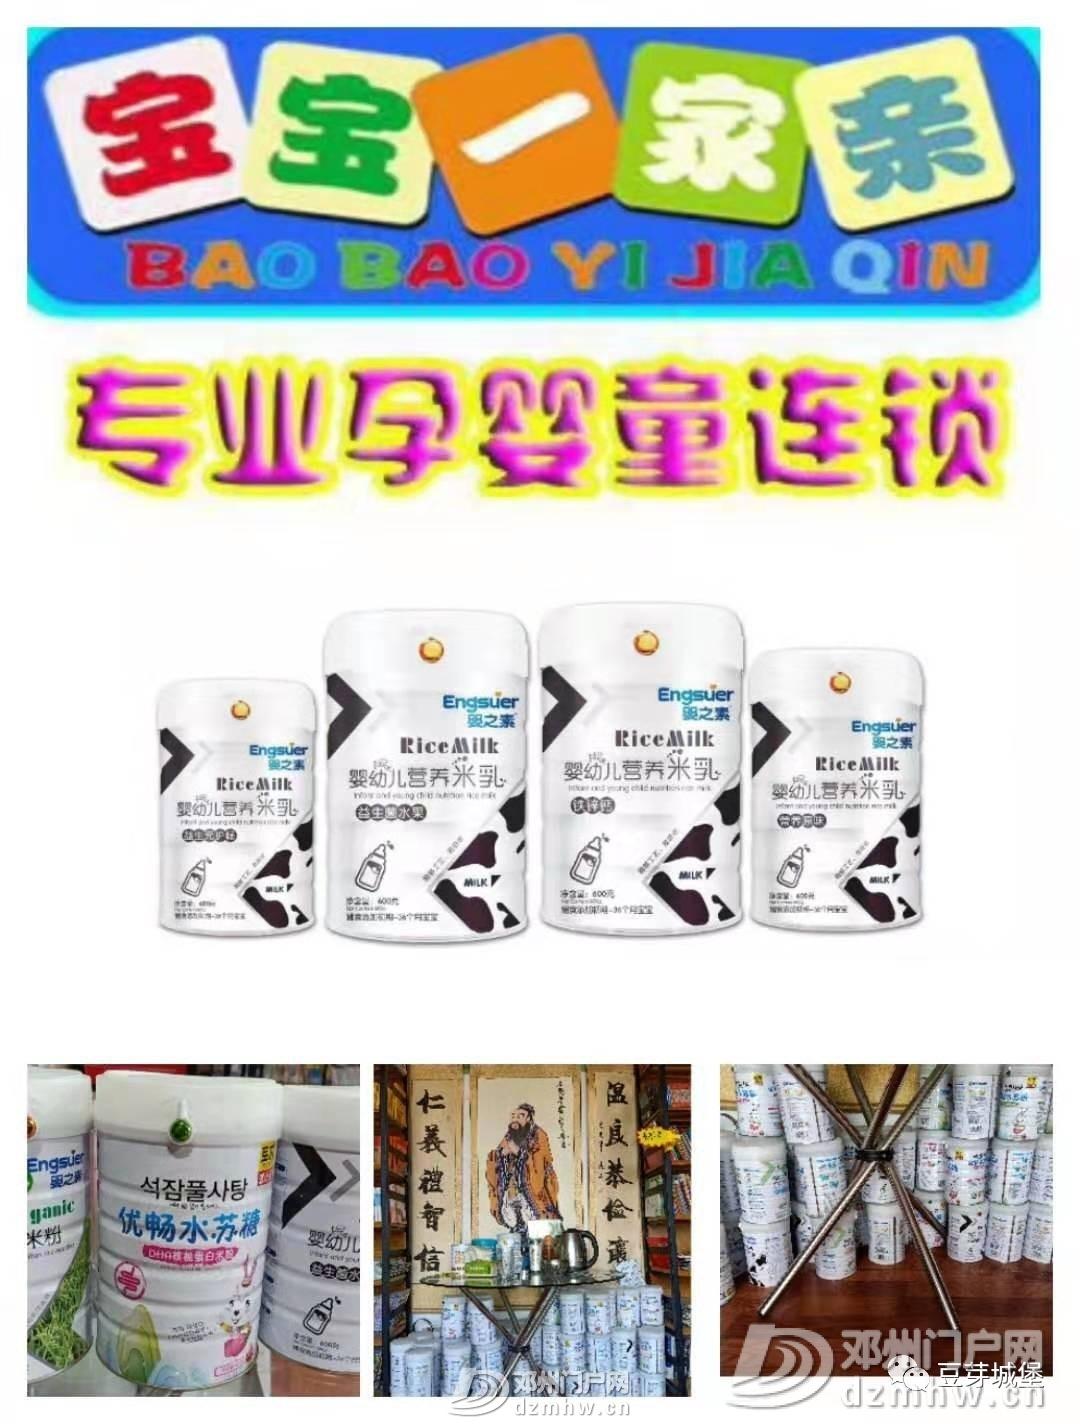 开学第一周,四场亲子活动等着你!VIP会员免费出游喽 - 邓州门户网|邓州网 - 2d362ad5960bb405499849e9459492b1.jpg